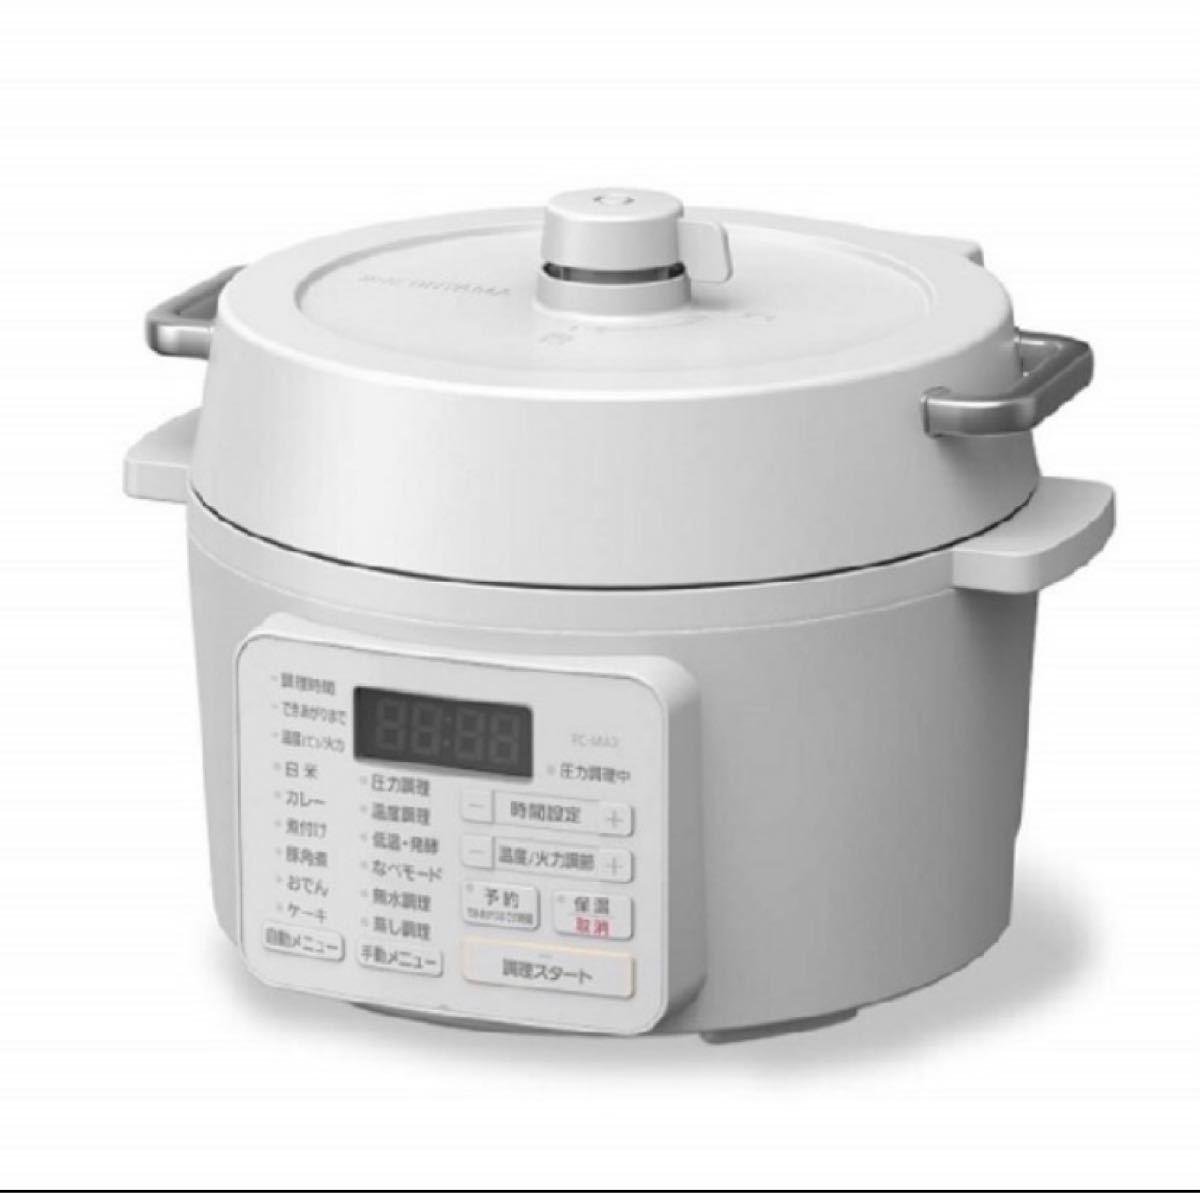 【即購入OK】アイリスオーヤマ 電気圧力鍋 2.2L PC-MA2-W ホワイト